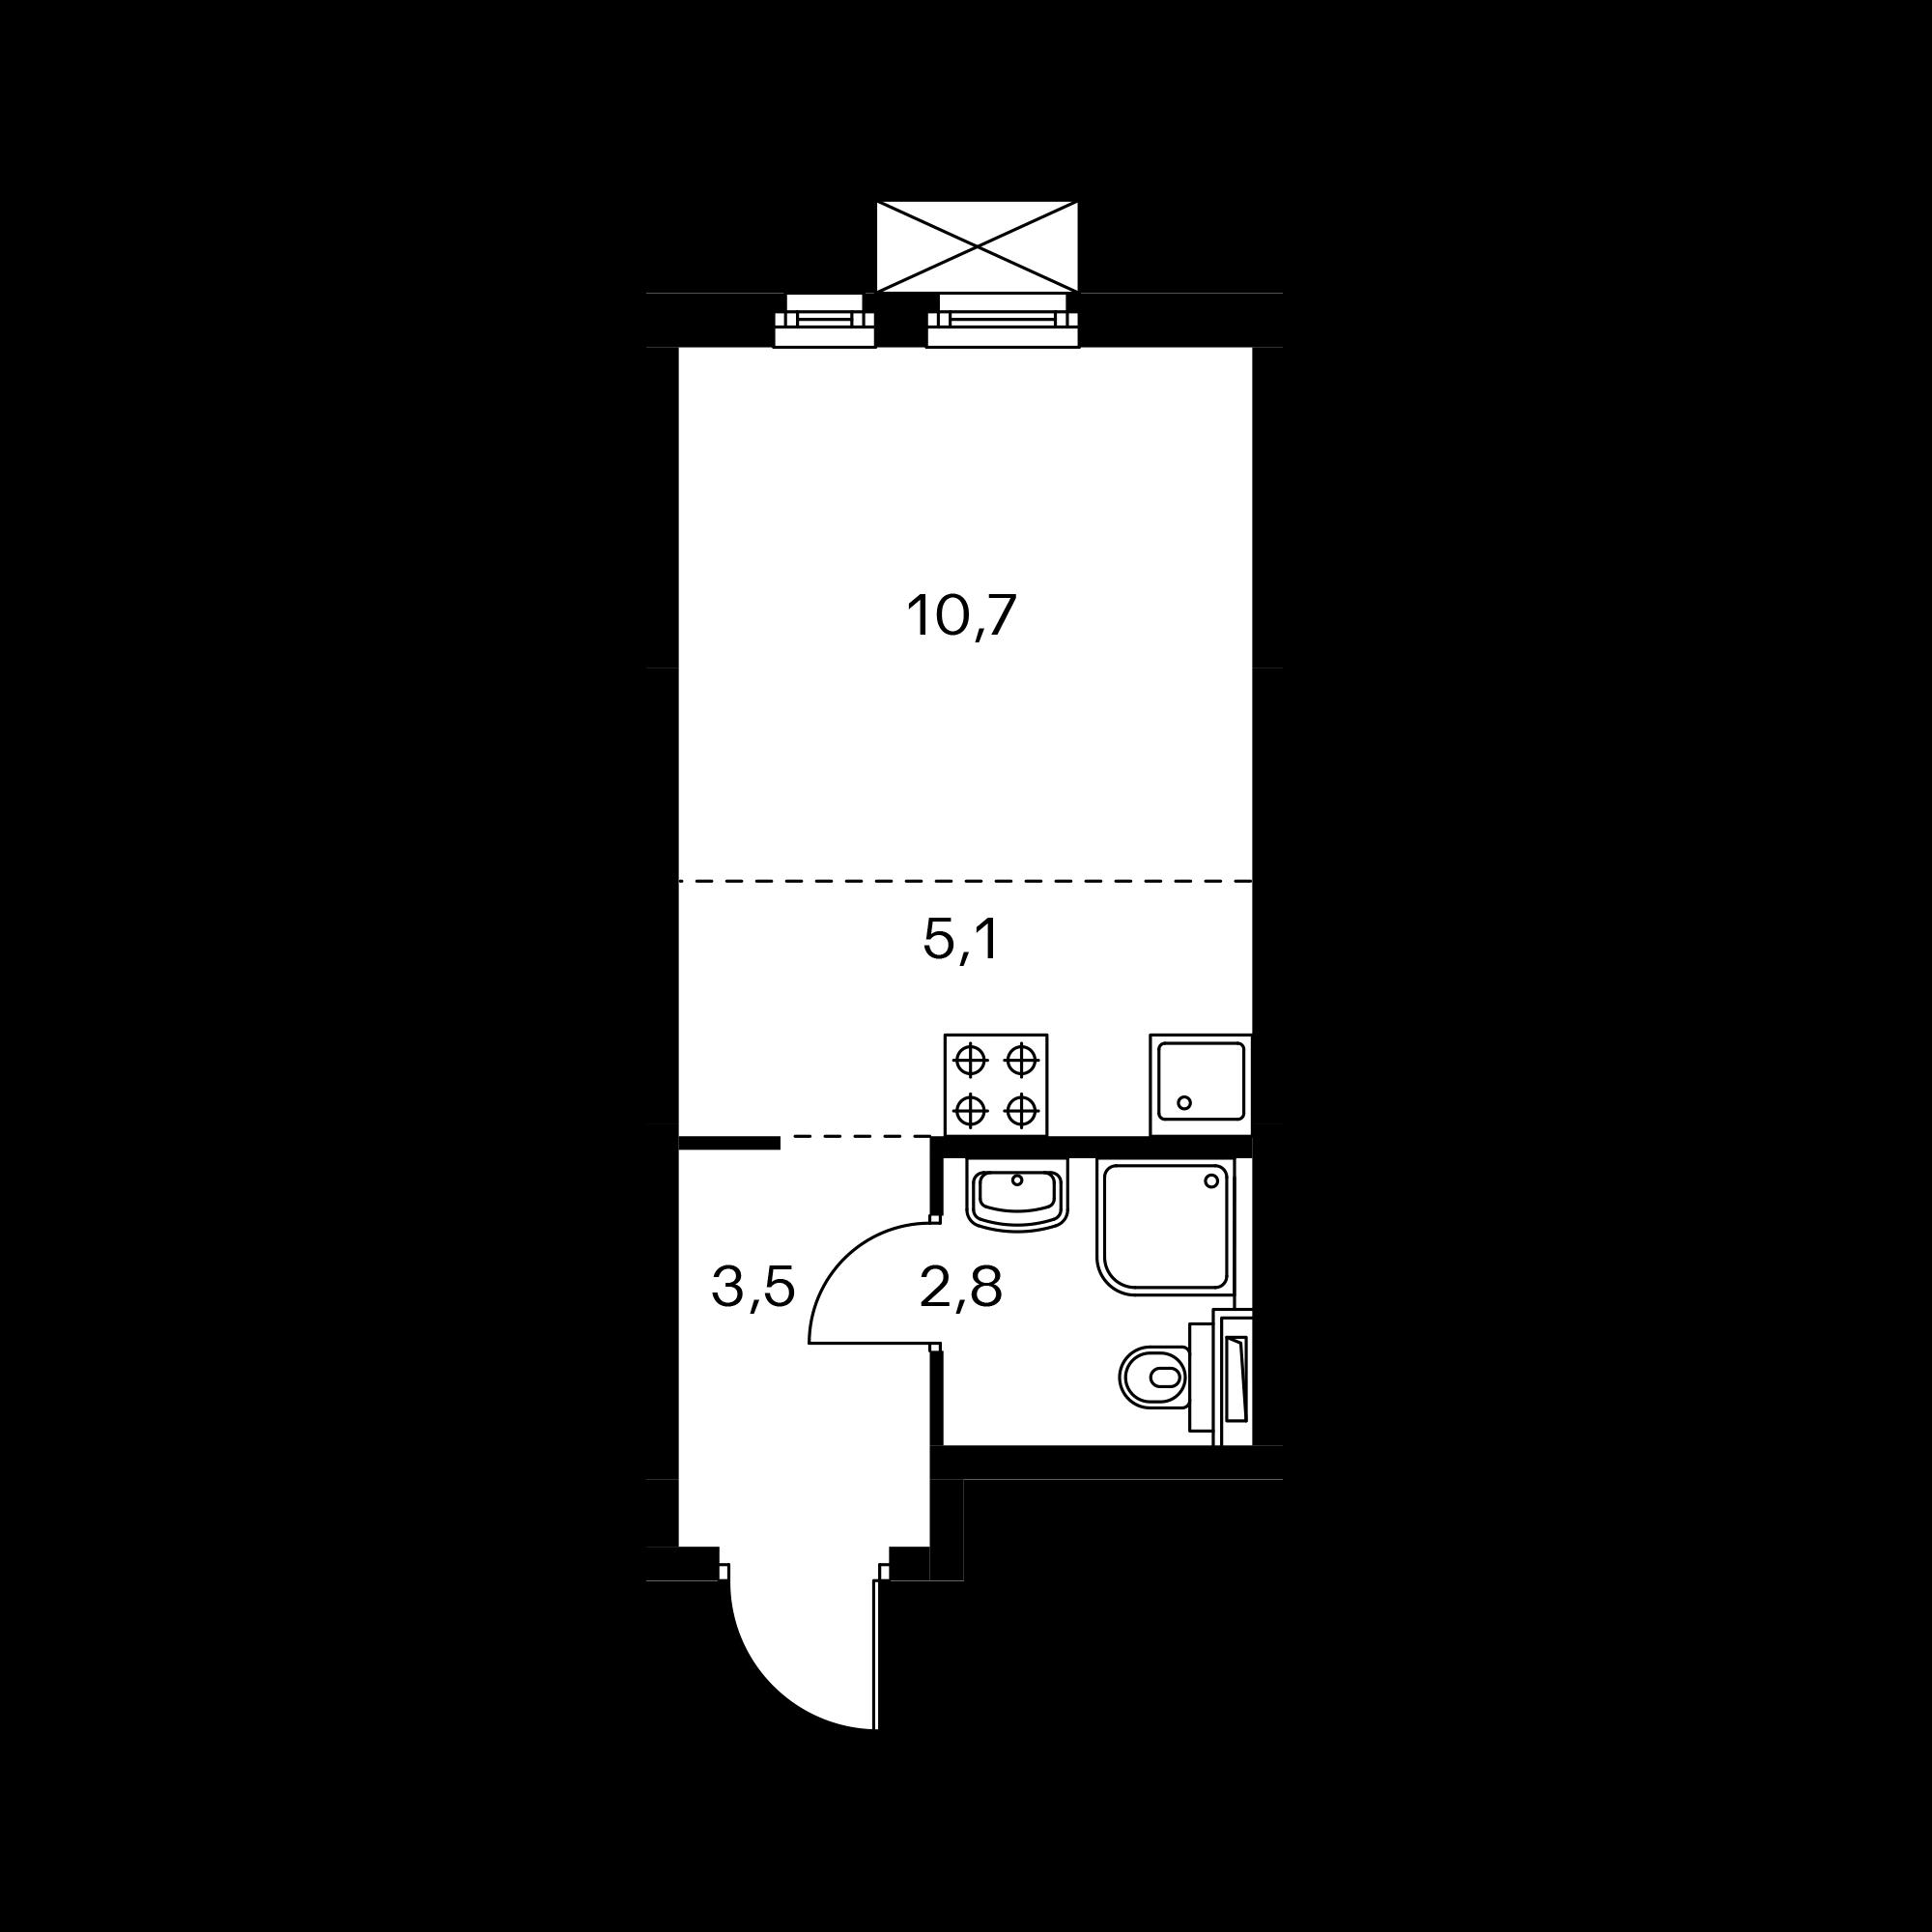 1NS1-1_SZ1